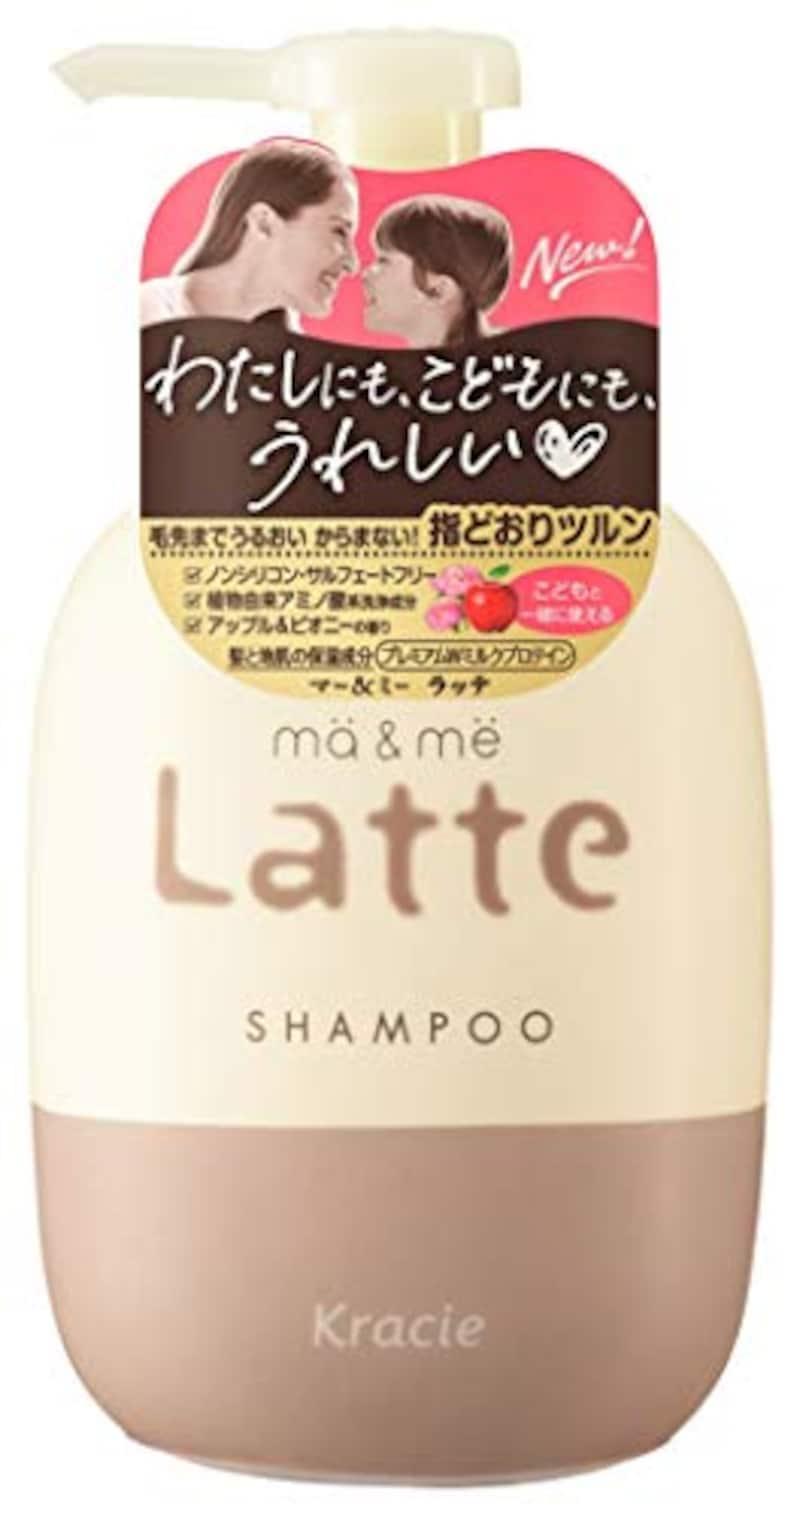 マー&ミー,Latte(ラッテ)シャンプーポンプ490mL